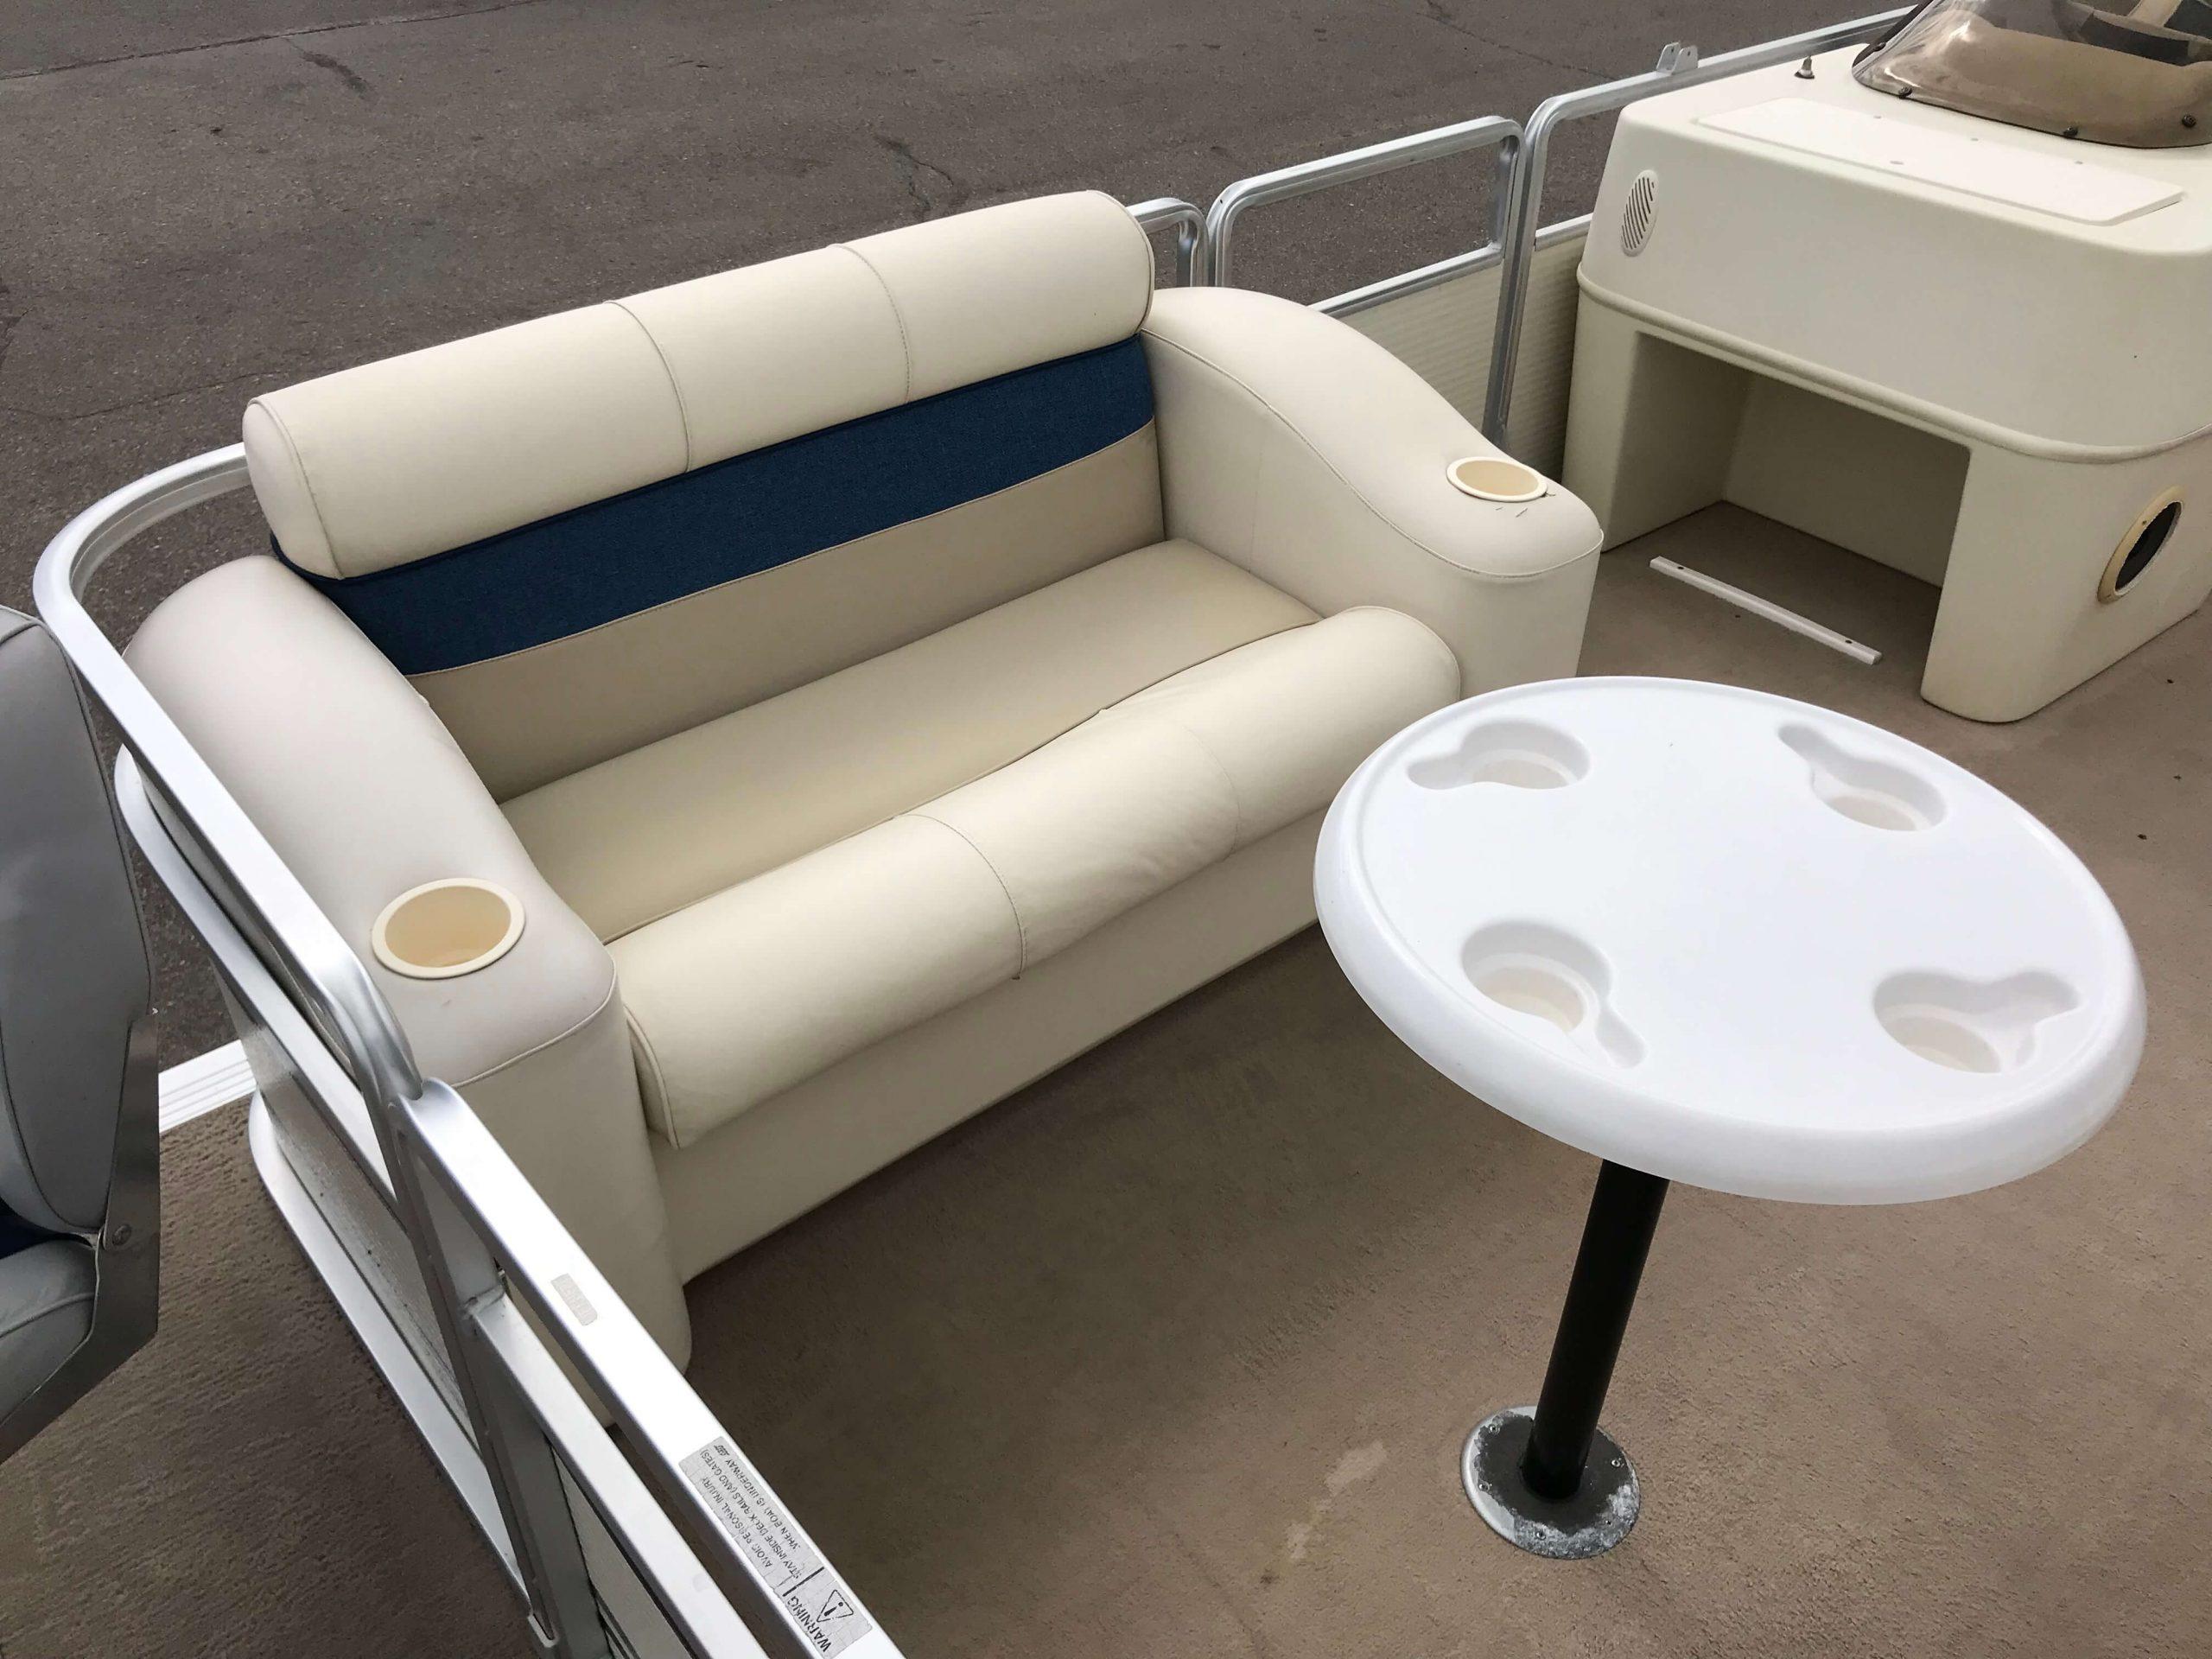 1998 Harris Kayot Skipper XL Pontoon Boat 5